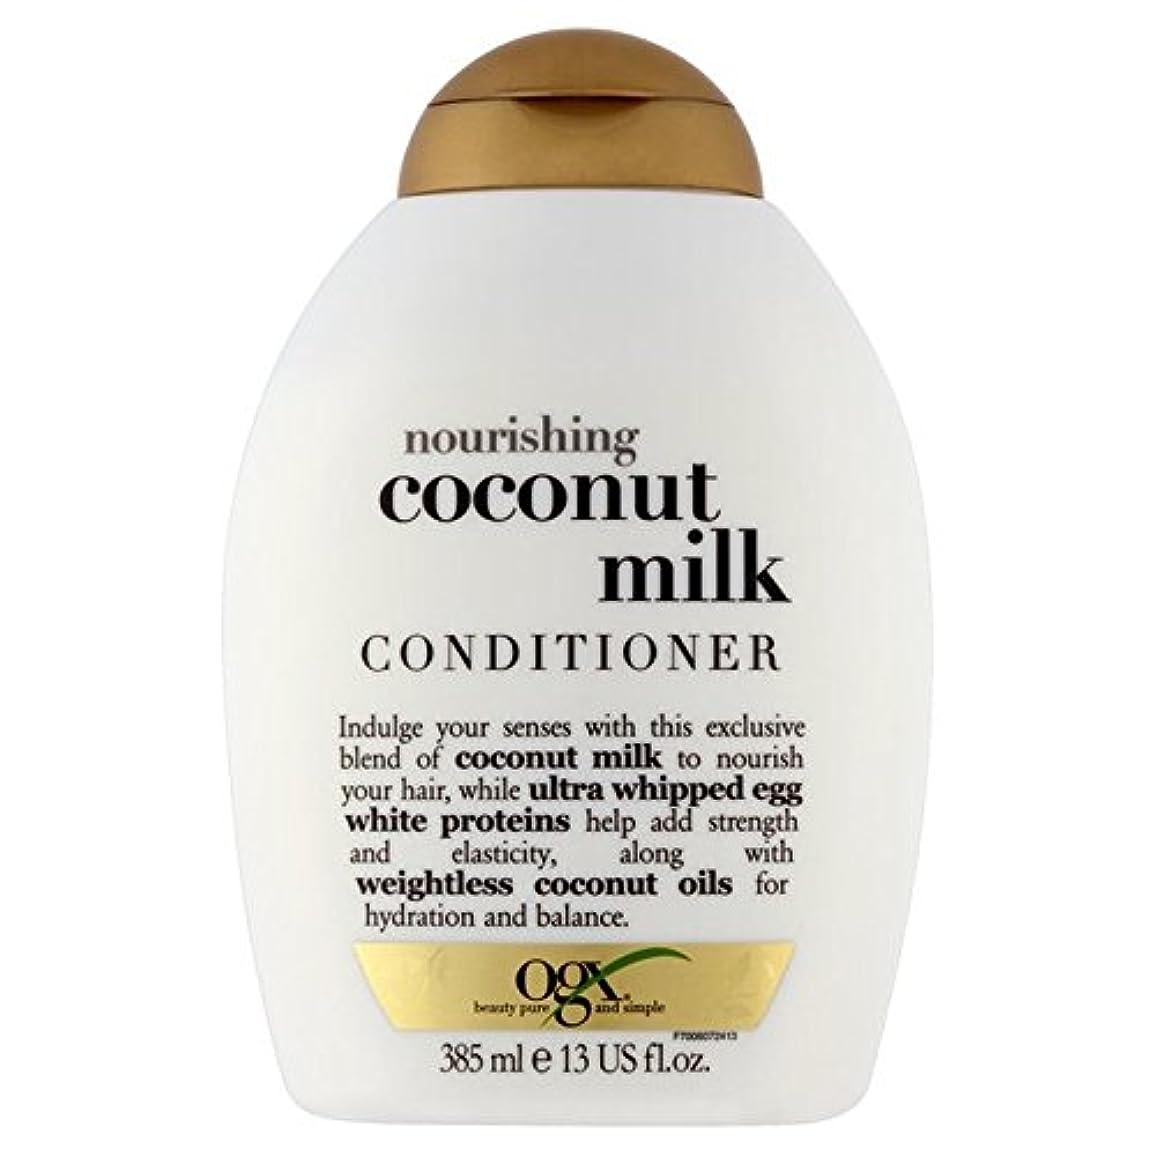 妊娠した計画ぶら下がるOgx Coconut Milk Conditioner 385ml (Pack of 6) - ココナッツミルクコンディショナー385ミリリットル x6 [並行輸入品]